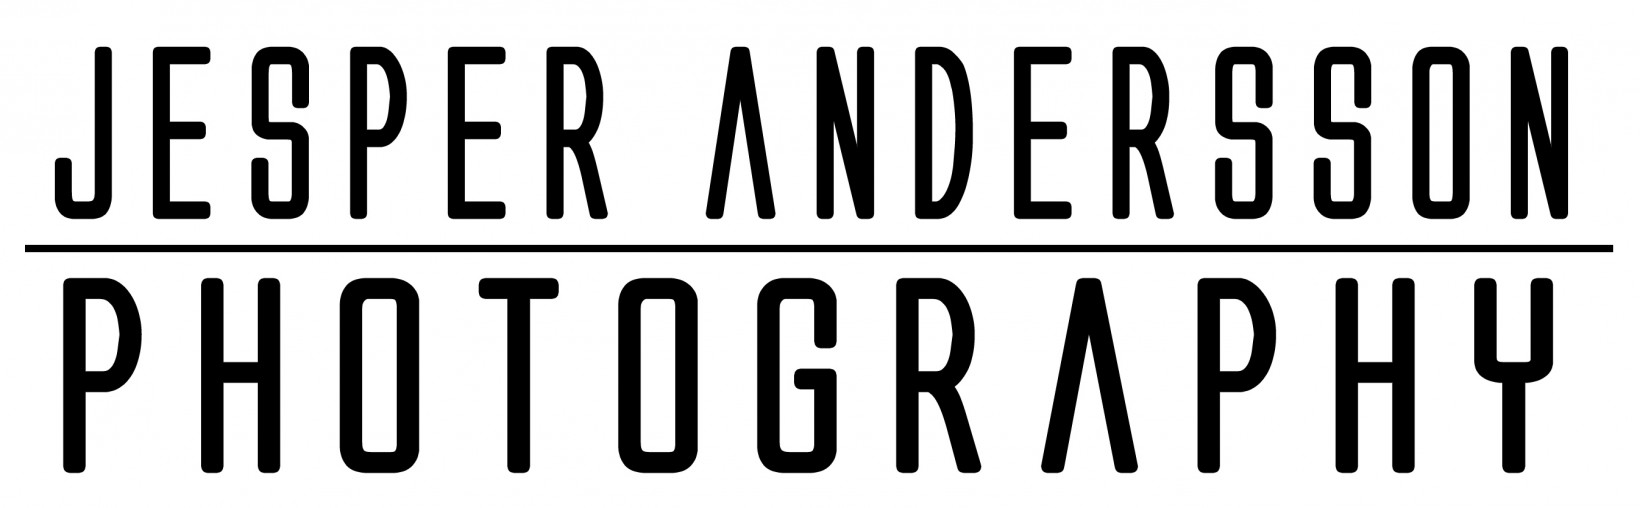 jesperanderssonphotography